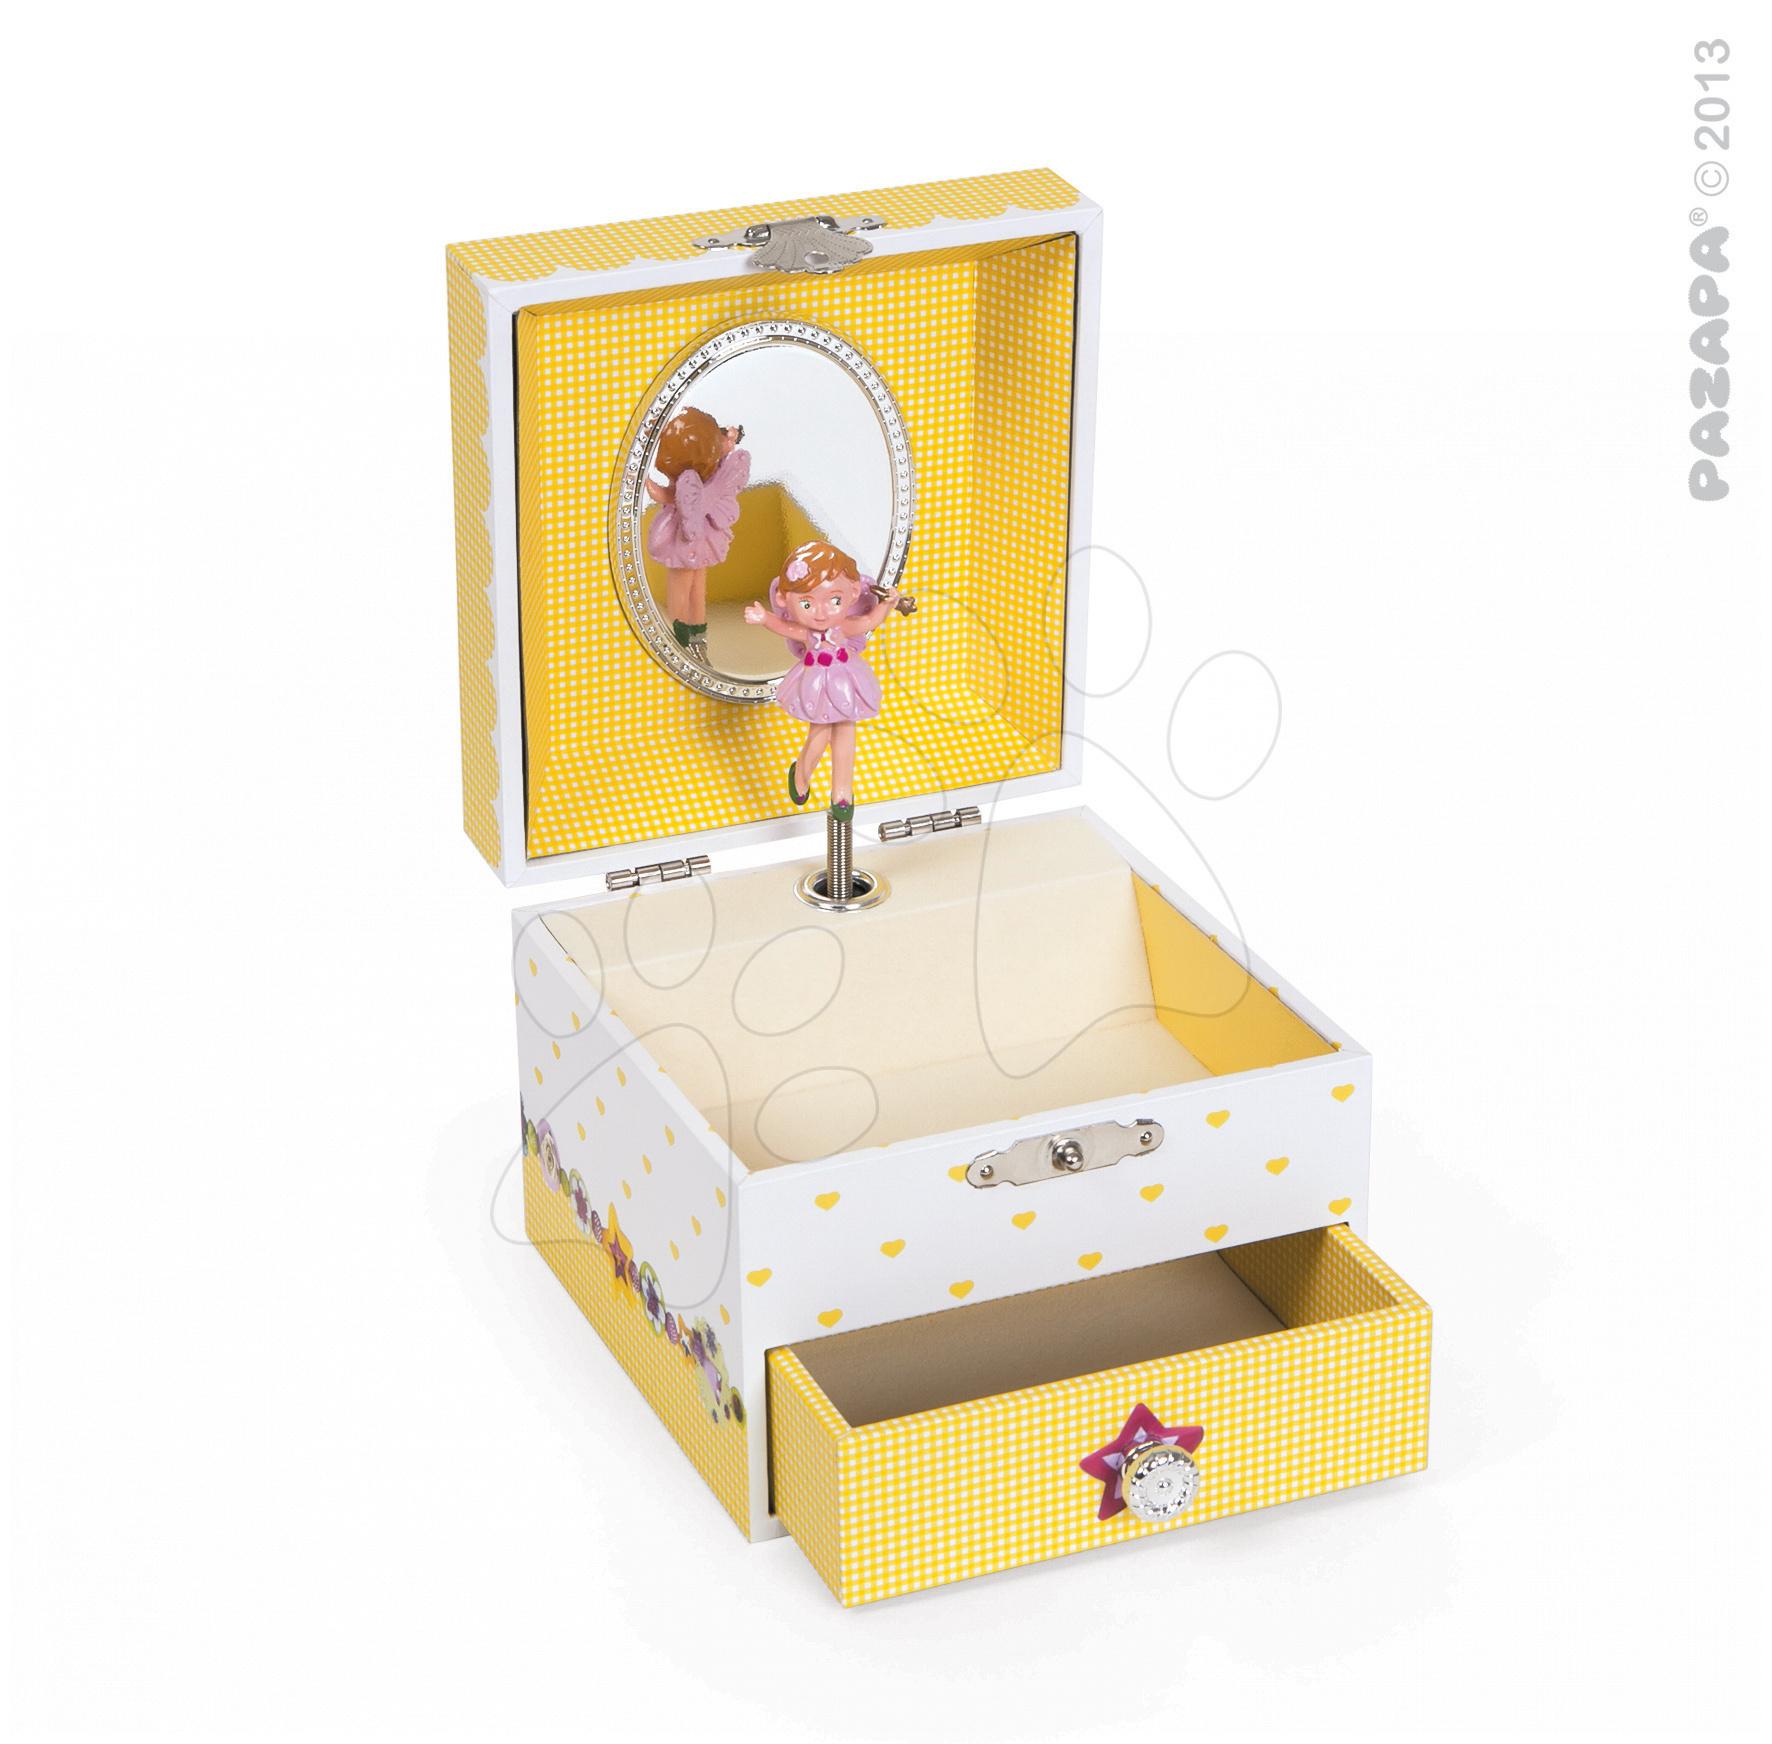 Šperkovnice Mila Plays Fairy Pazapa zpívající s tančící vílou žlutá